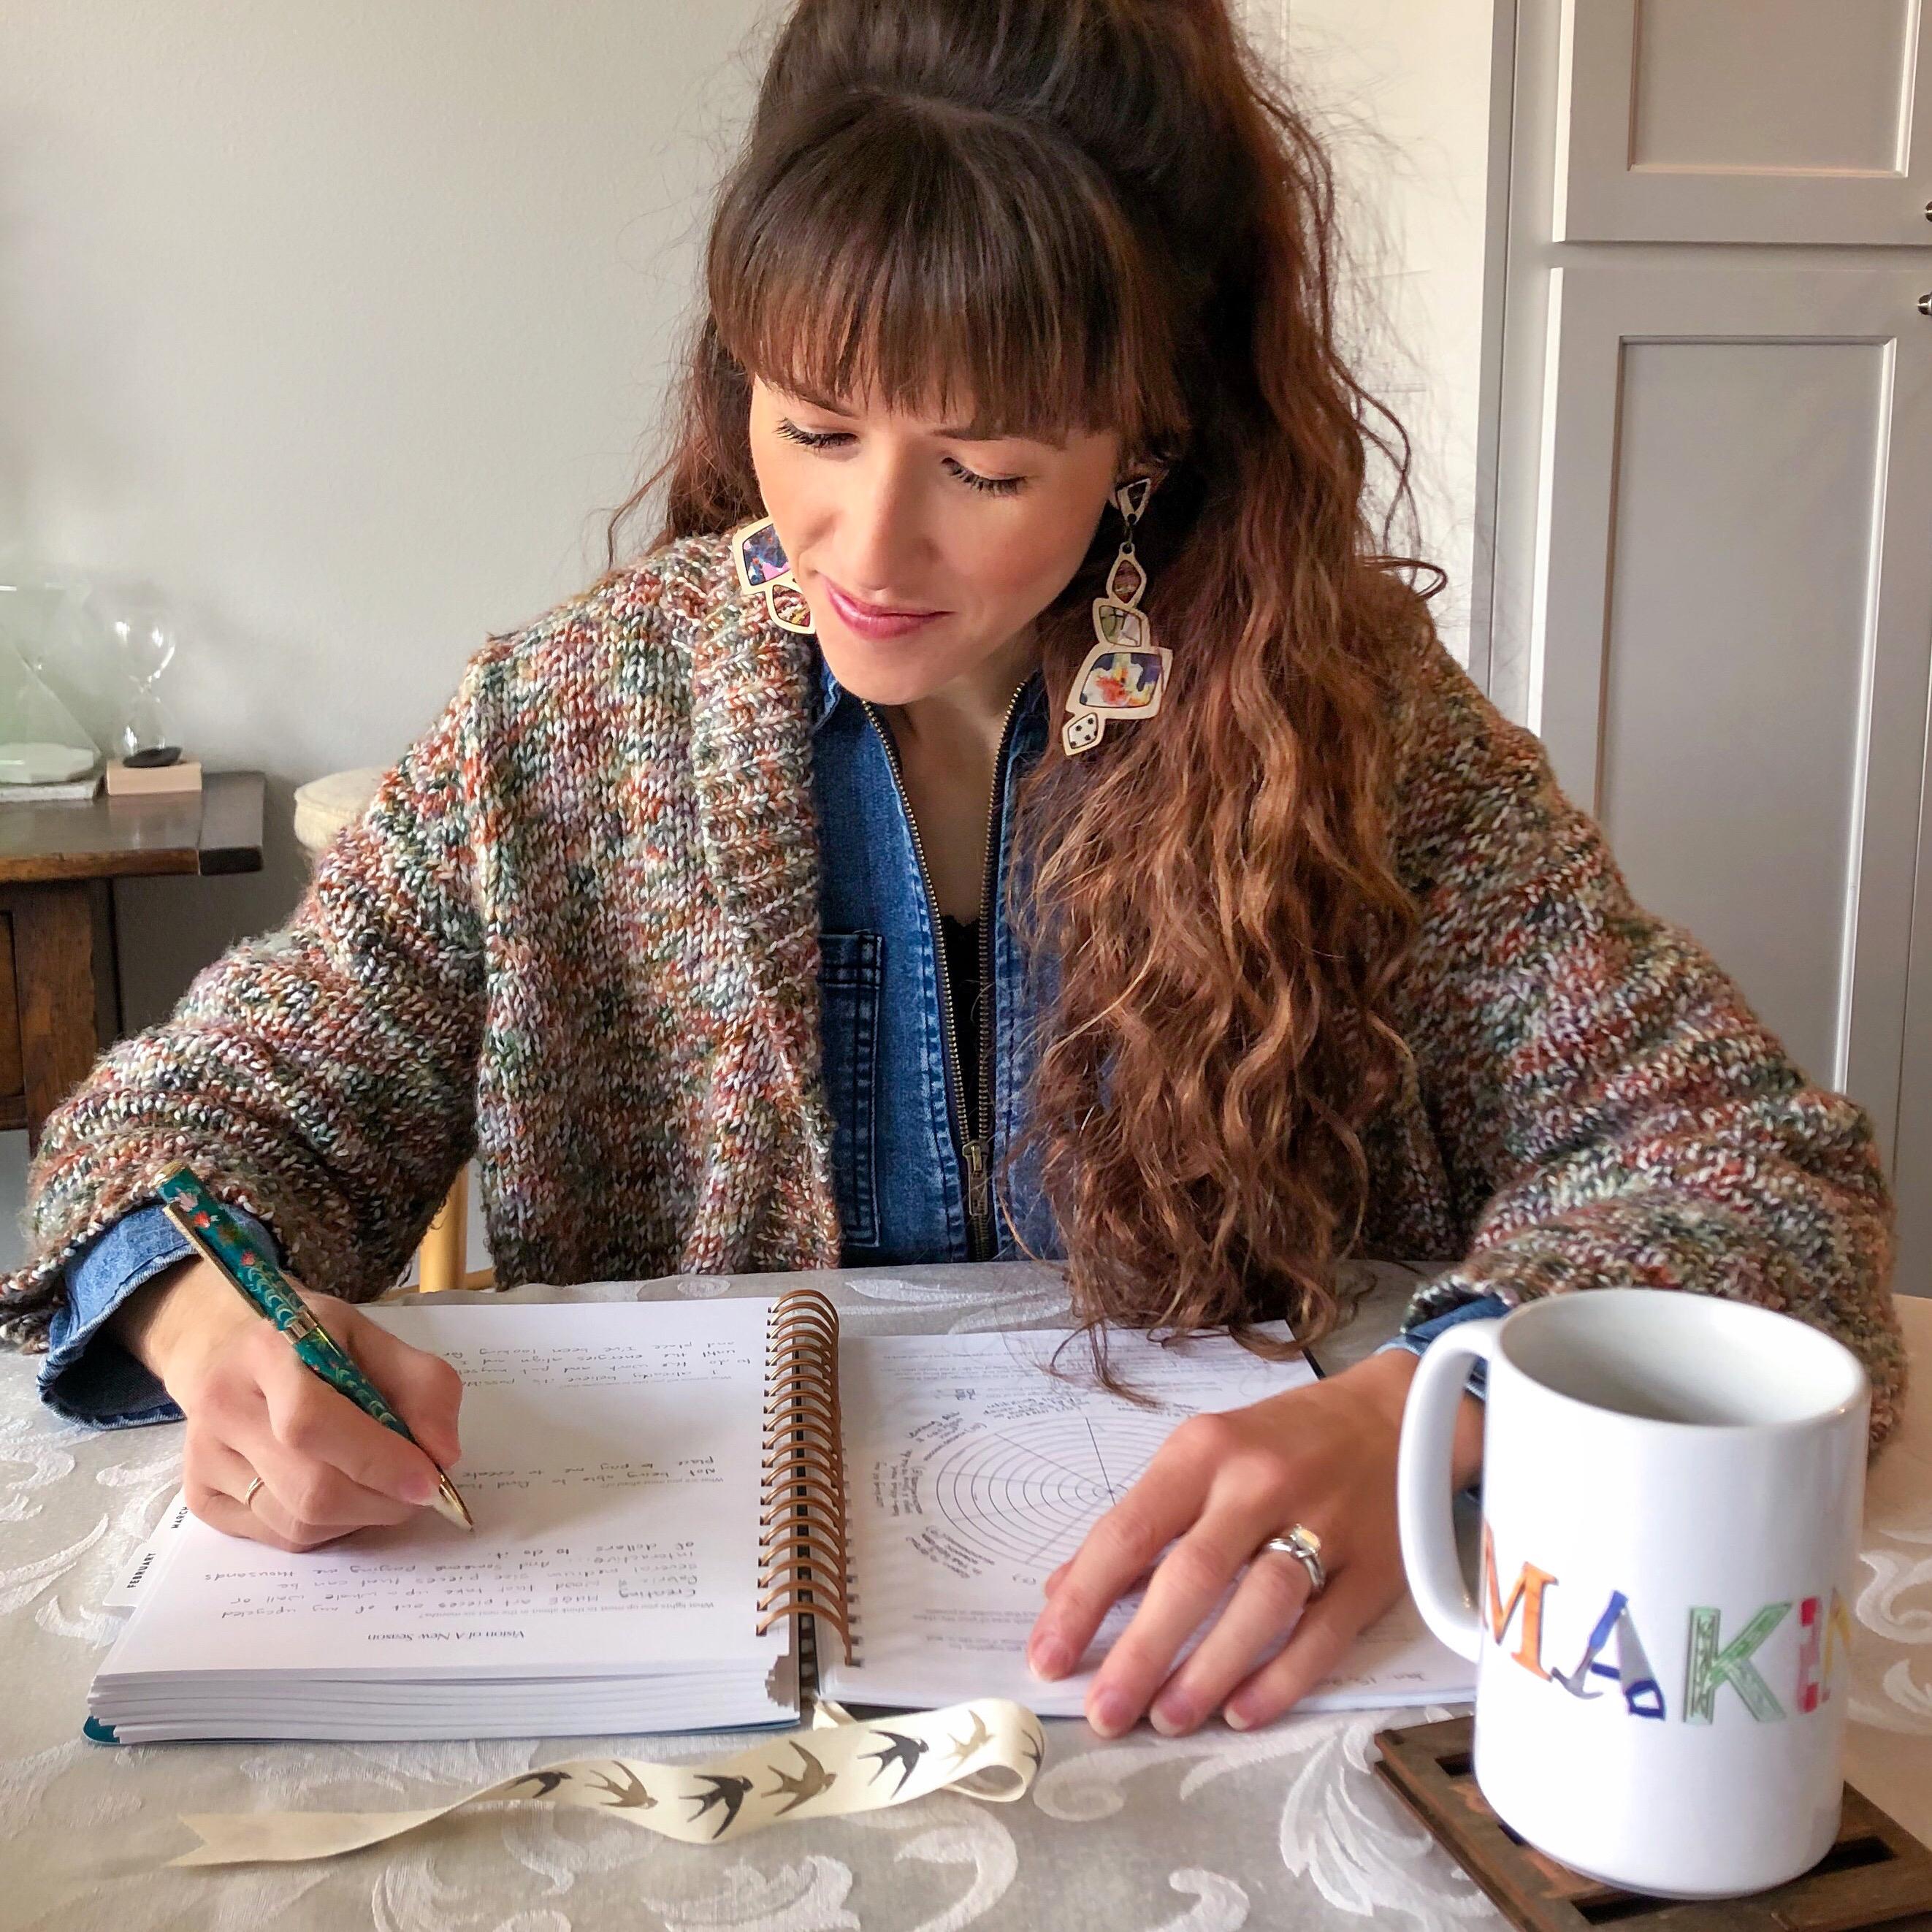 Alyssa Bird filling out her Goals Journal for 2020